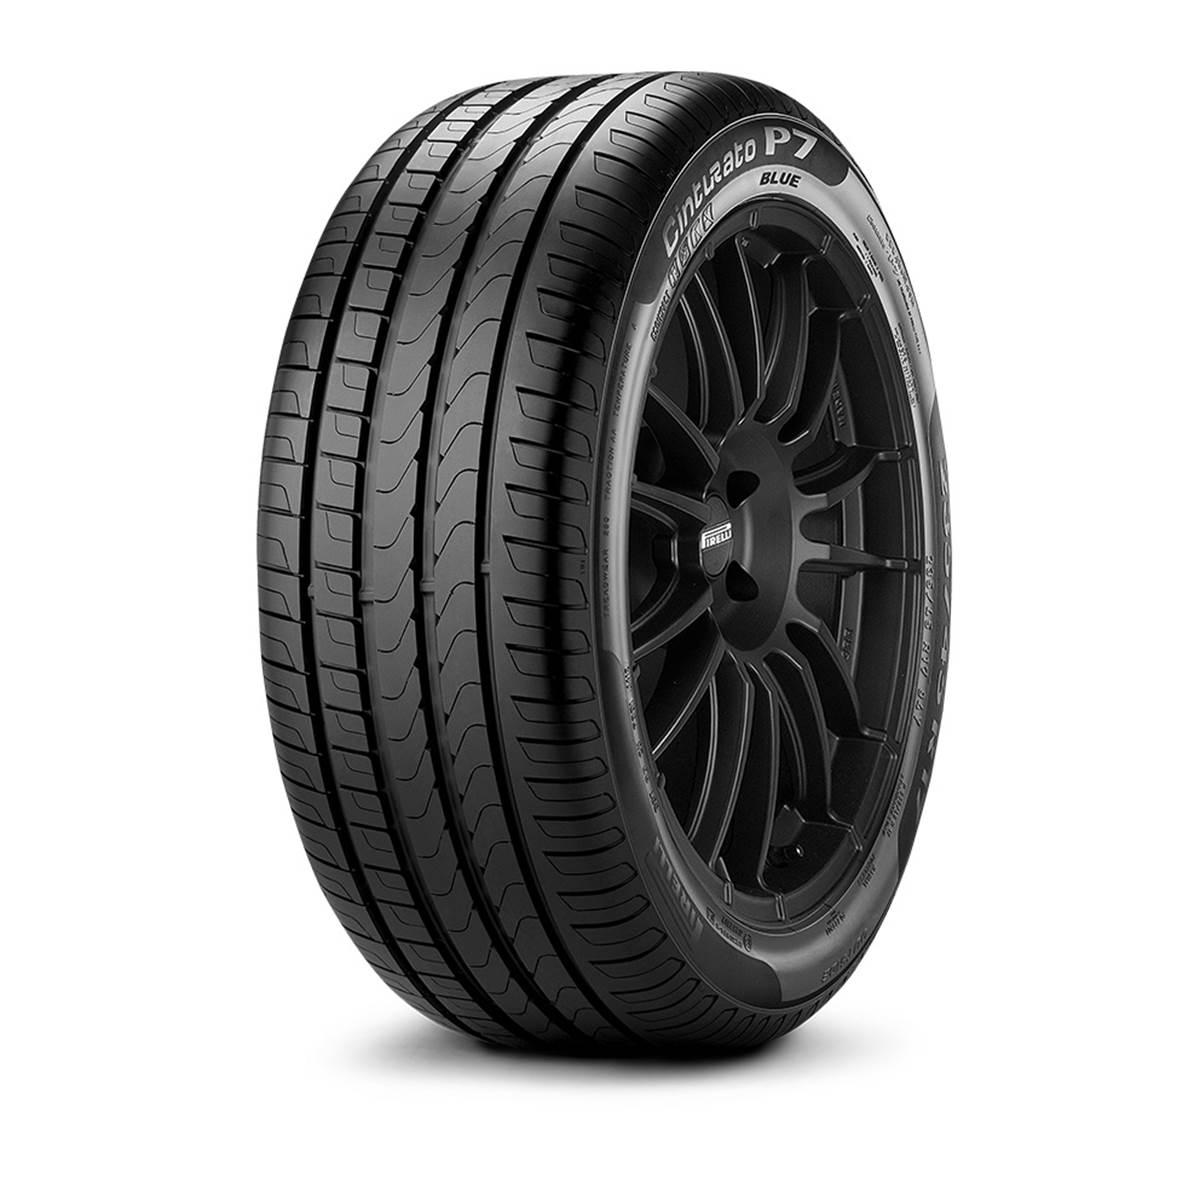 Pneu Pirelli 245/45R17 99Y Cinturato P7 Blue XL